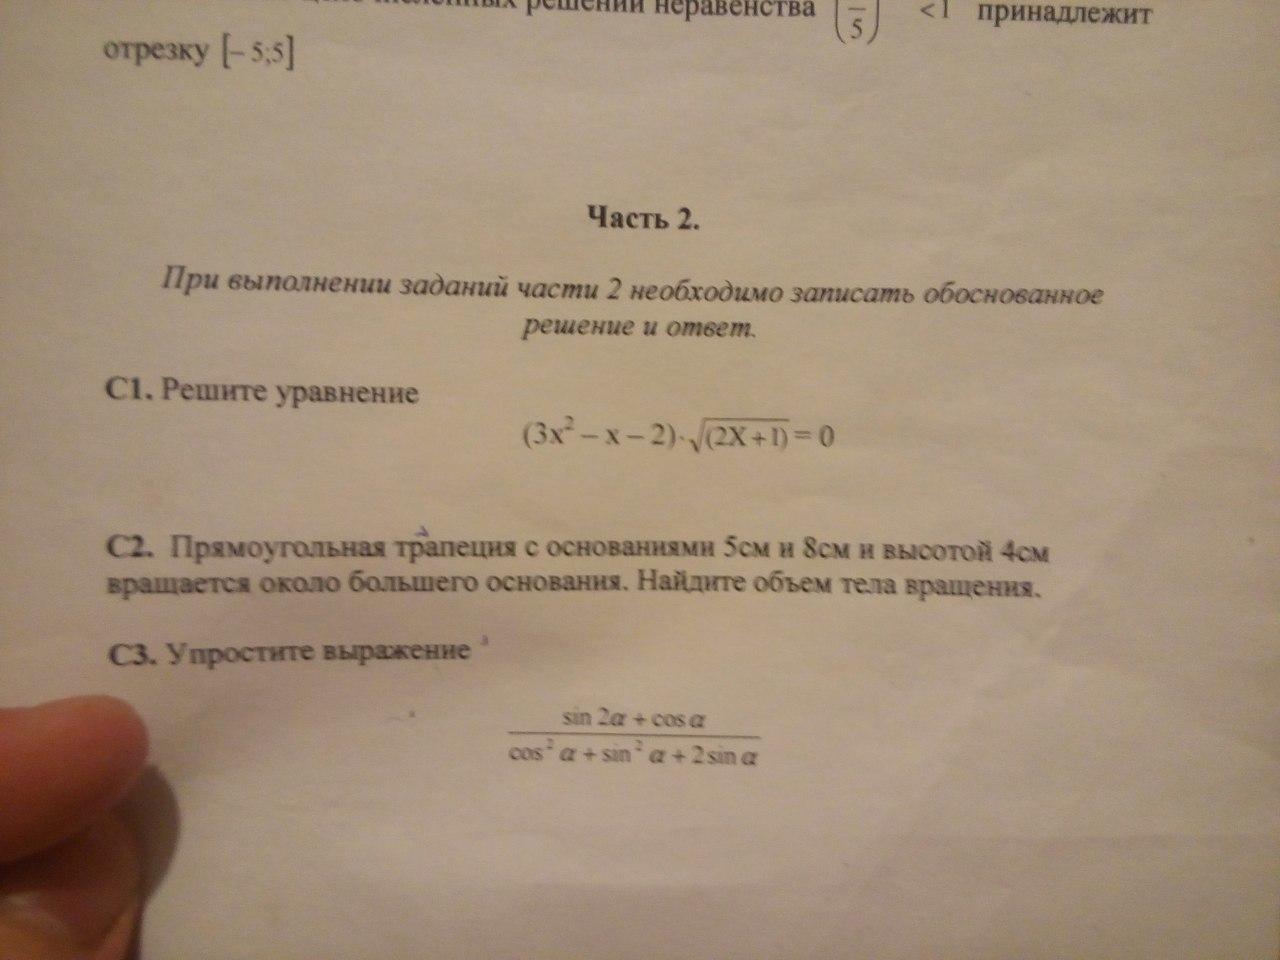 Help me, ребята выручайте, нужно решить только C3 , ничего не помню, амнезия))